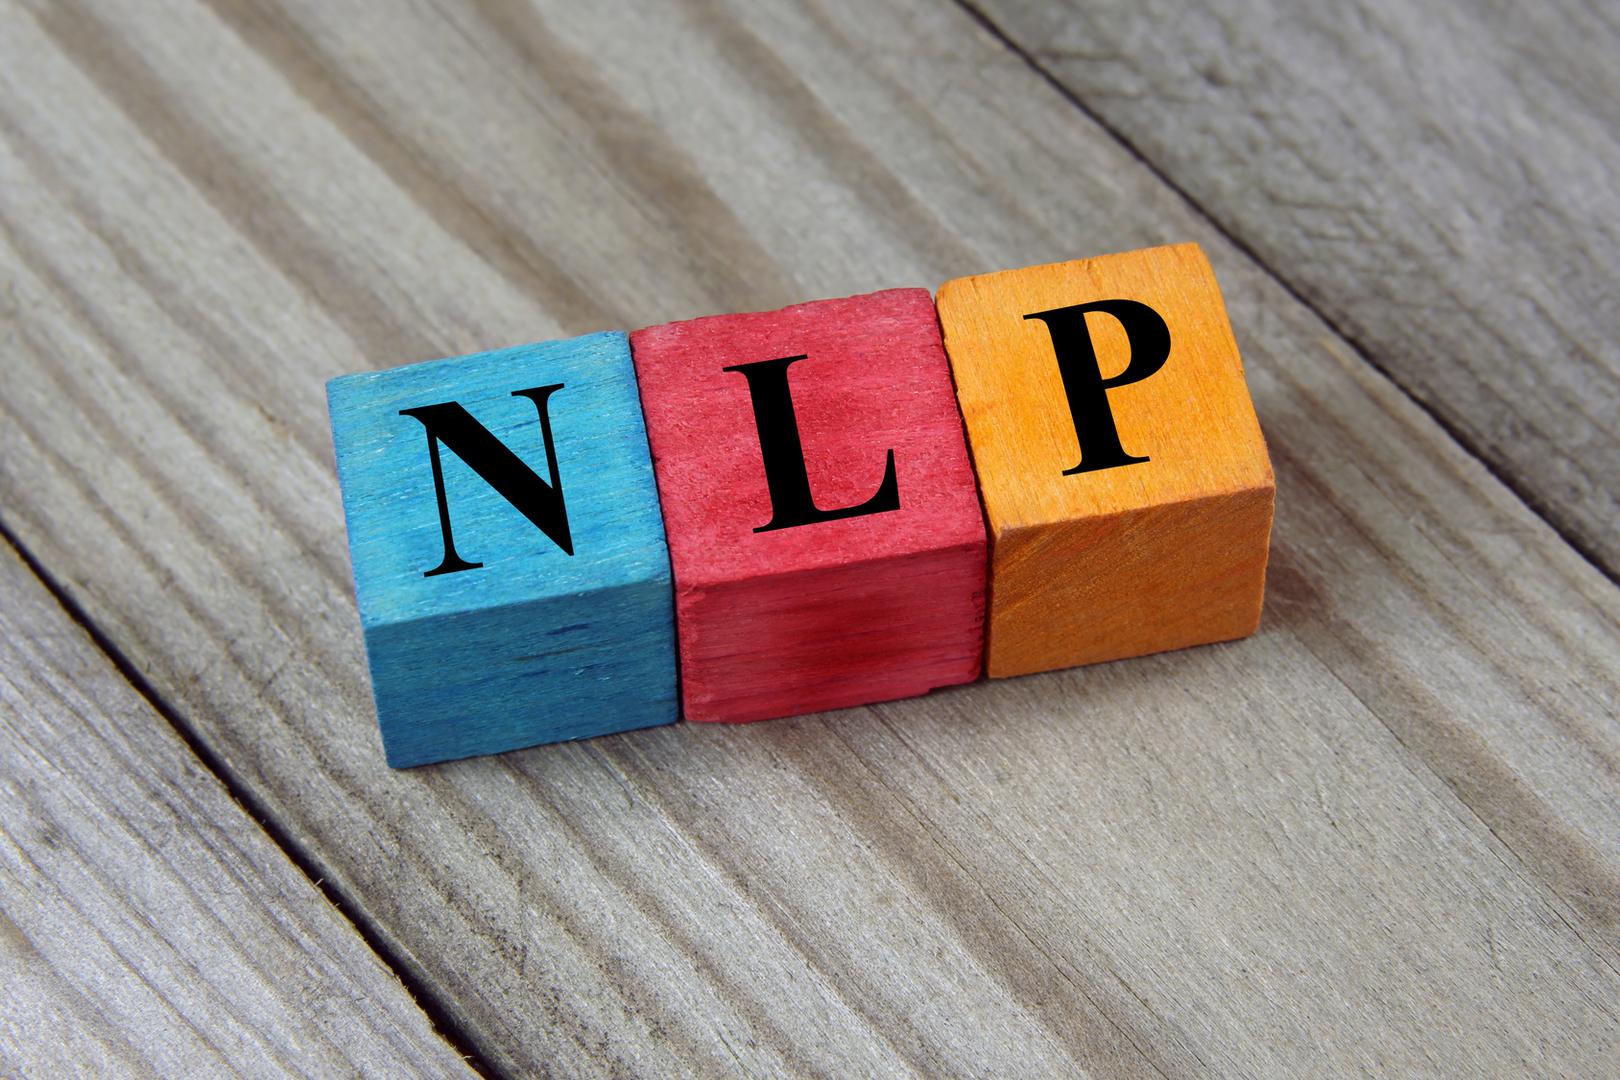 קורס NLP | לימודי החוץ של האוניברסיטה הפתוחה